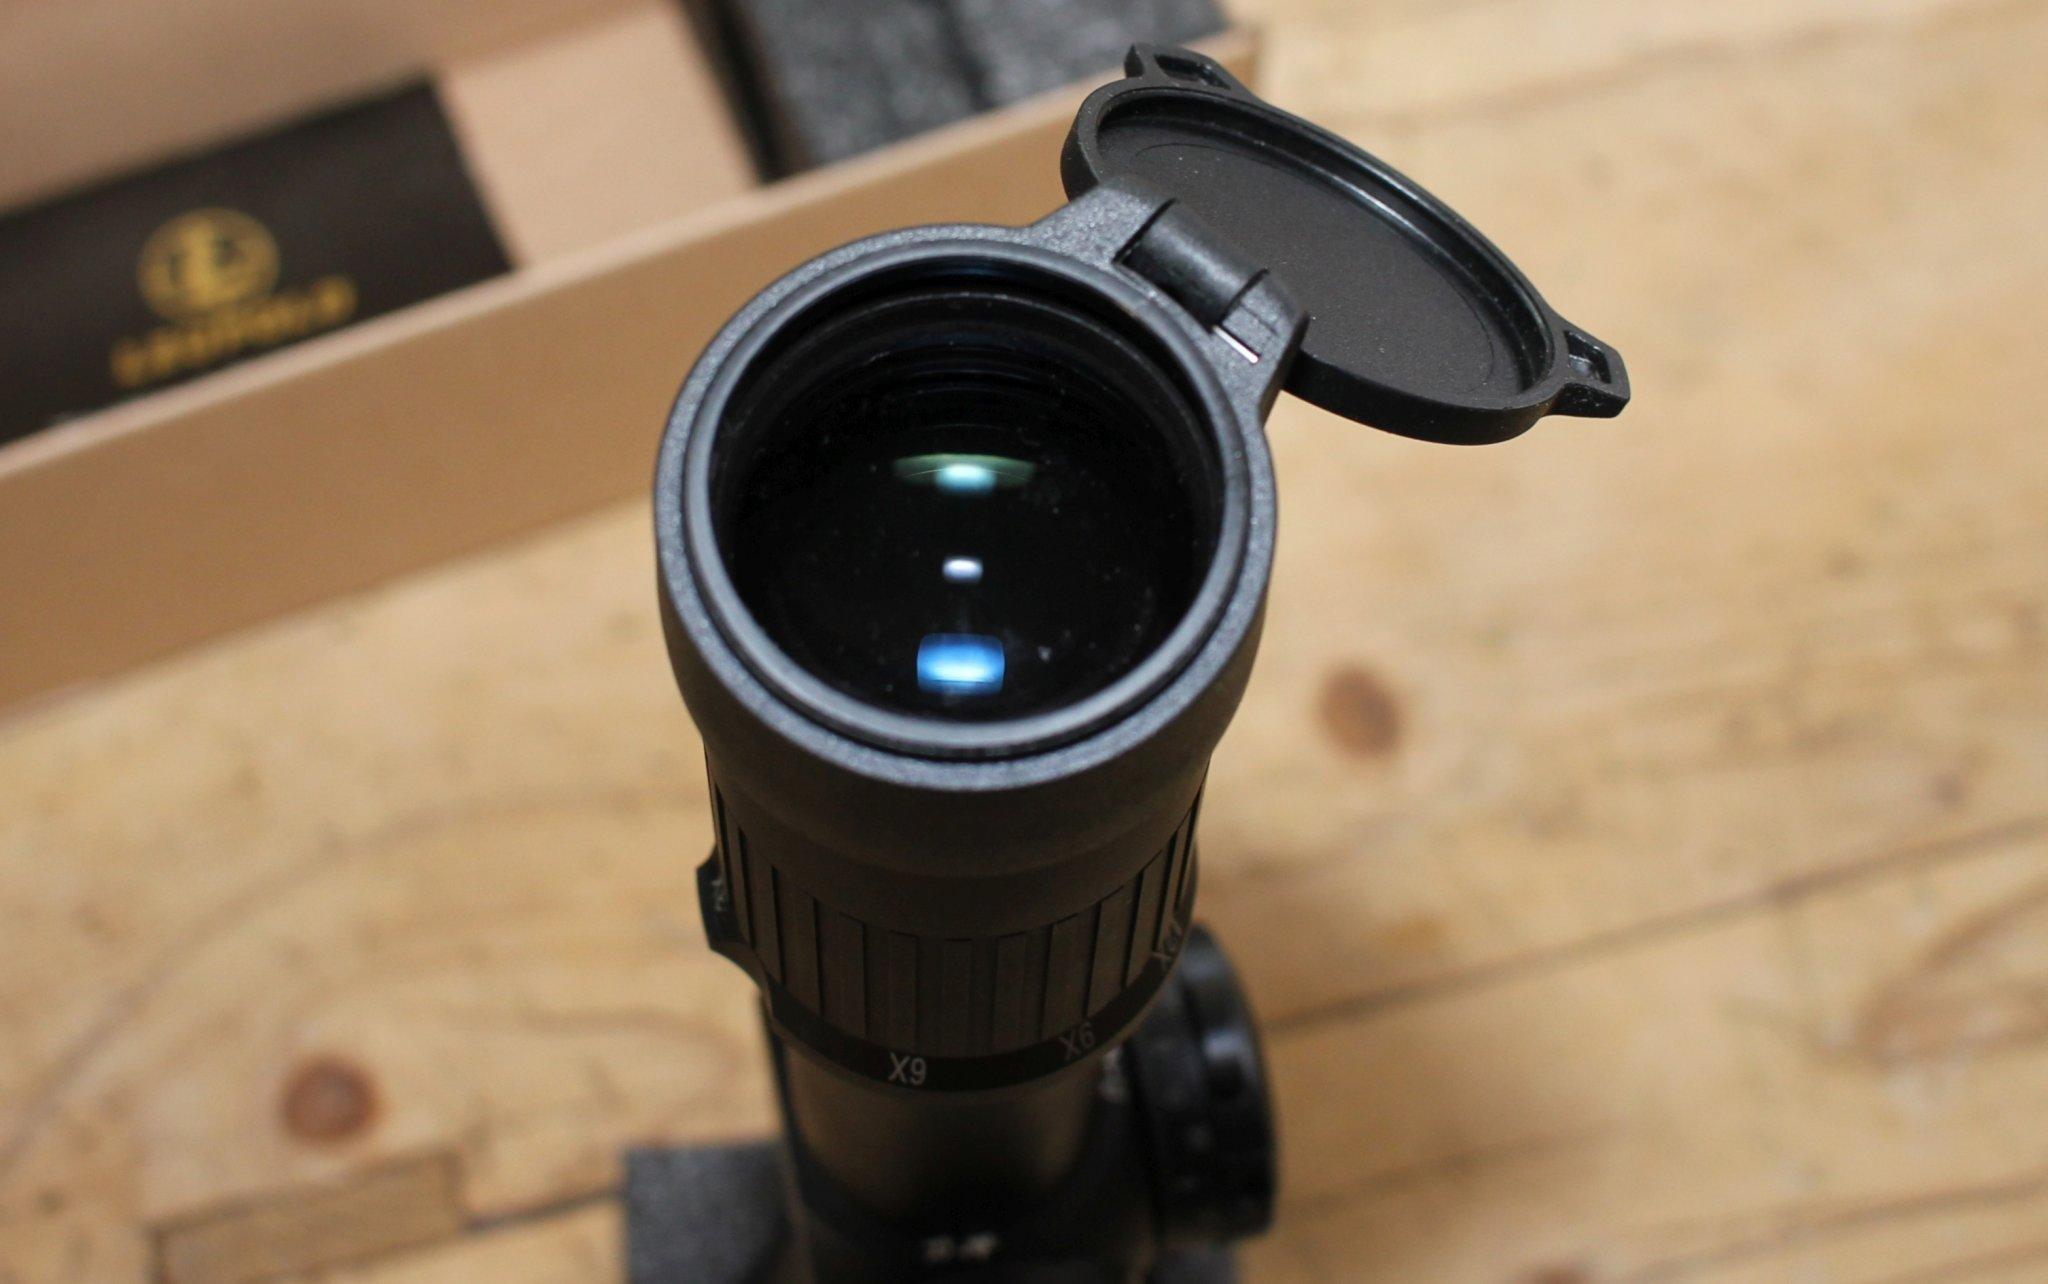 Eye IMG_0856.jpg